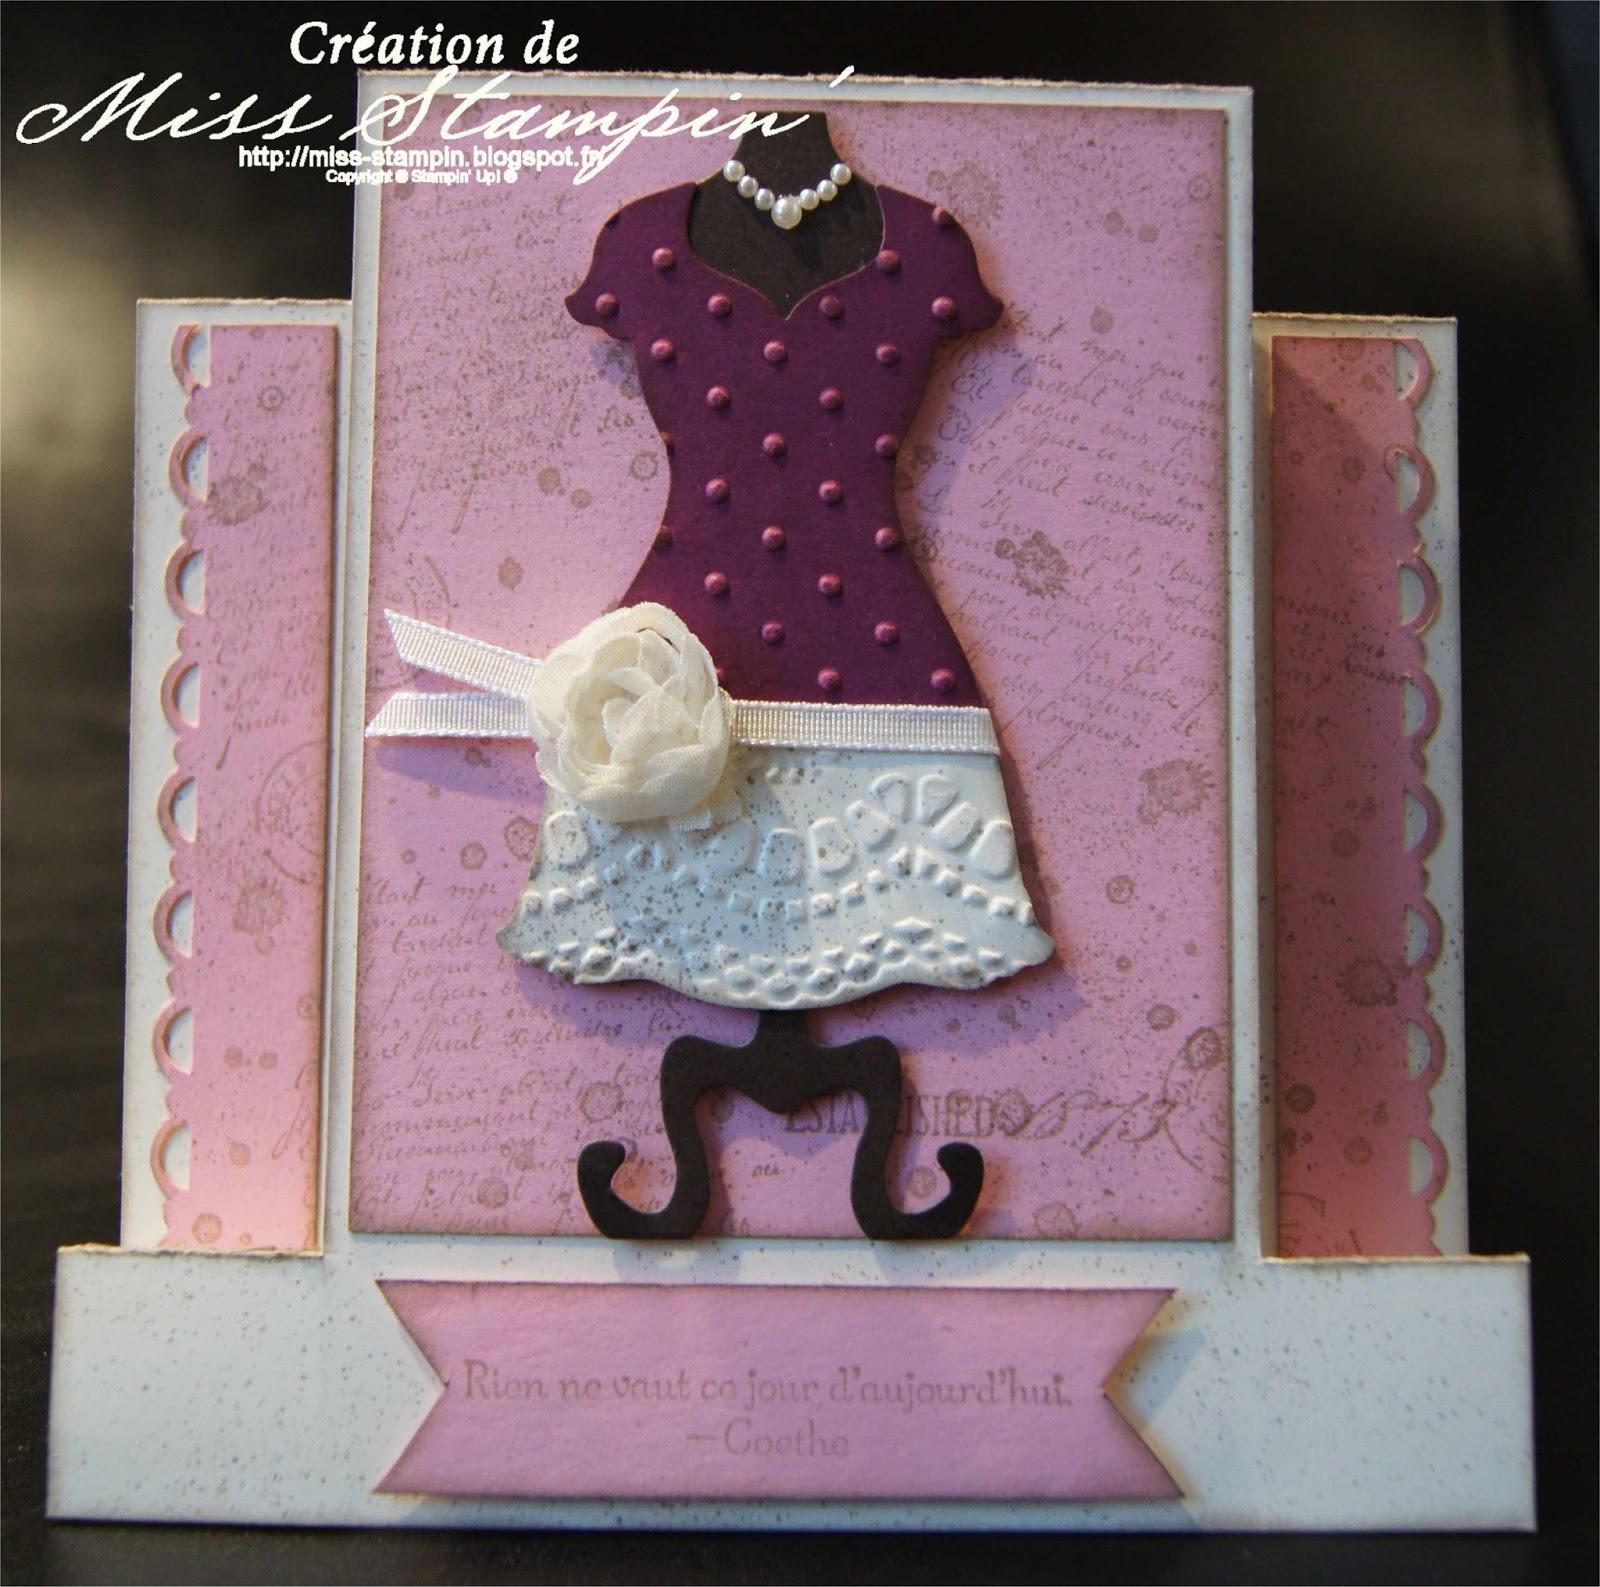 Image de carte d 39 anniversaire pour maman - Carte bon anniversaire maman ...